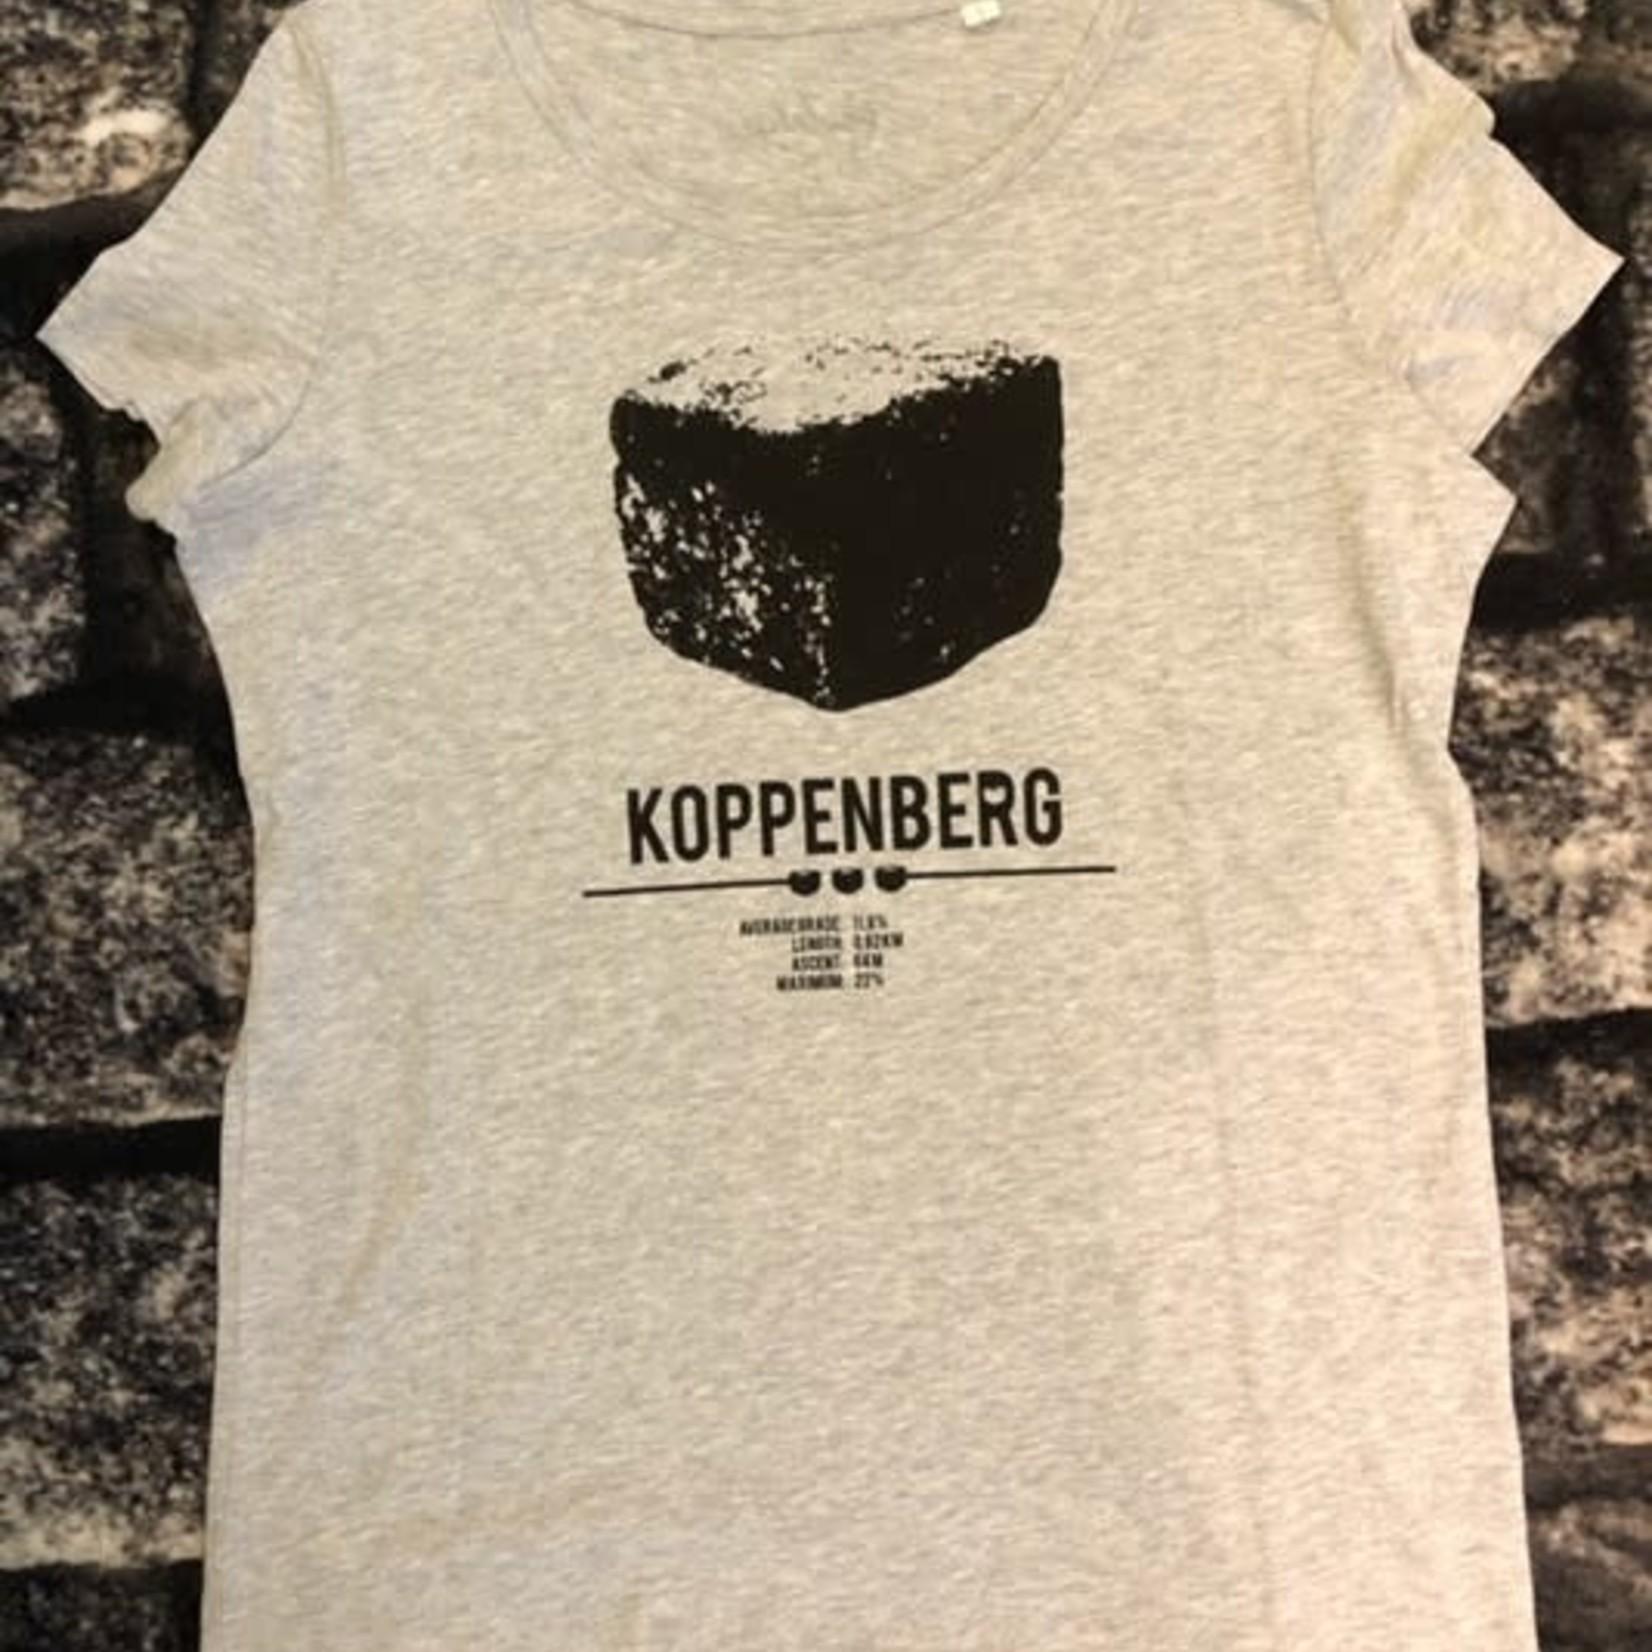 T-shirt 'Koppenberg' female